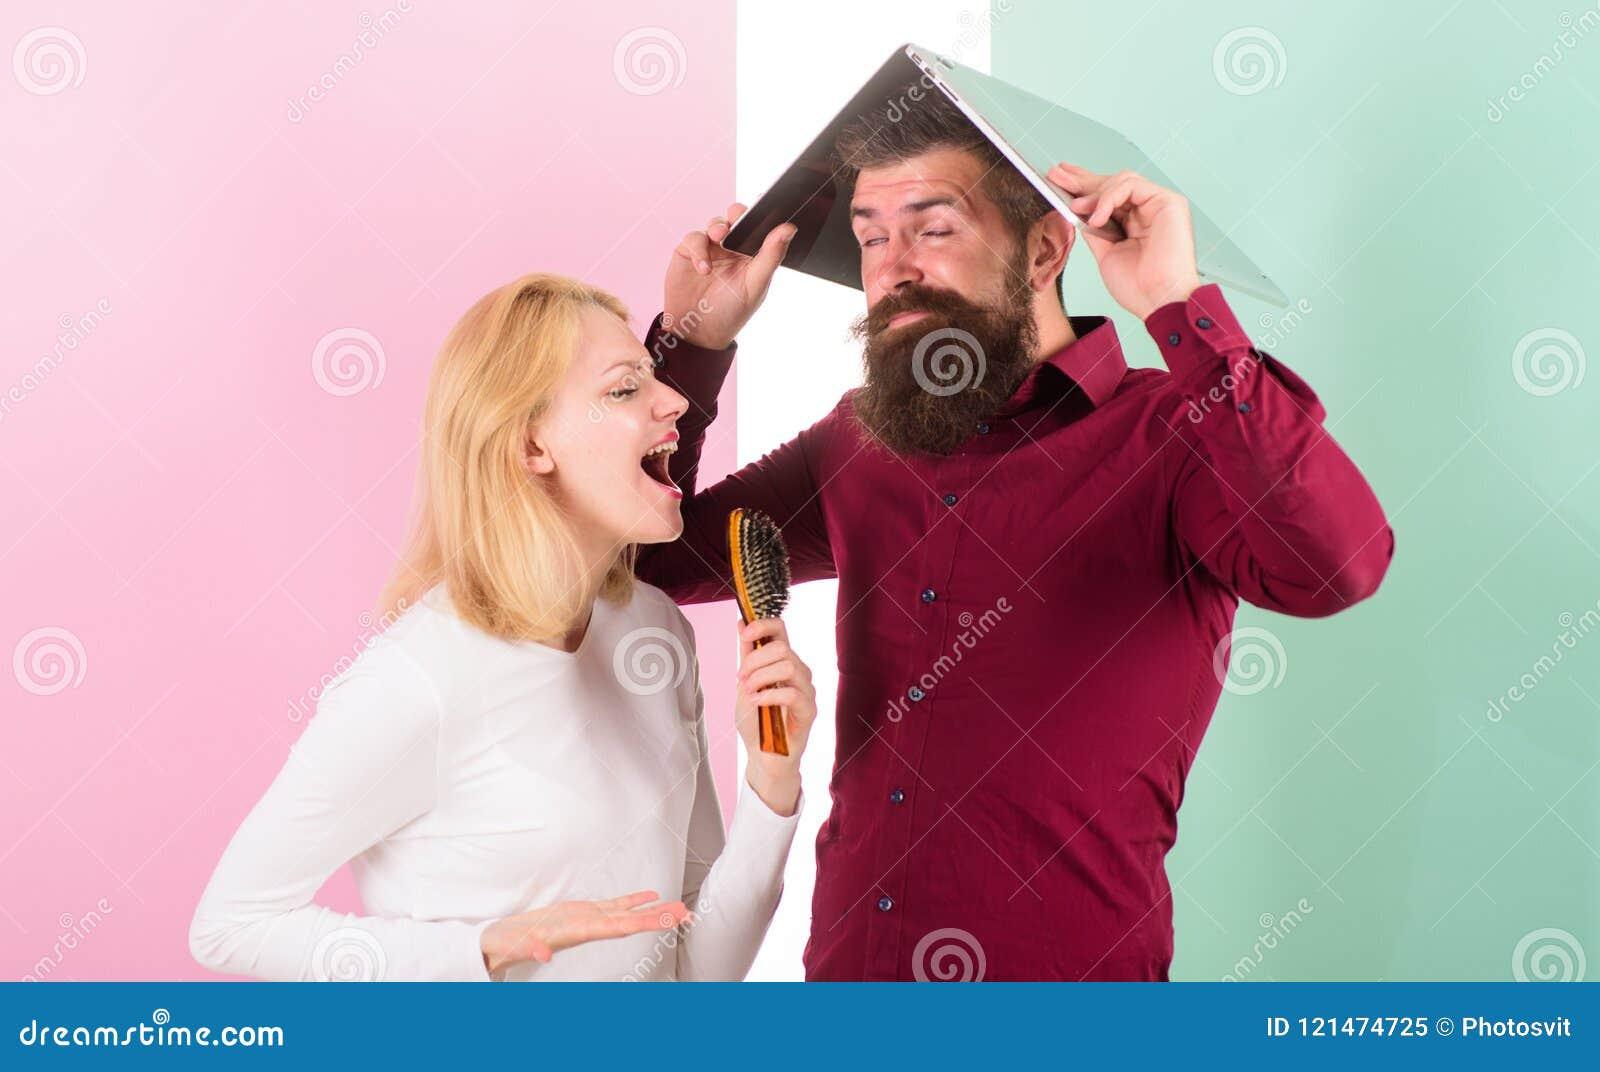 Kan geen lied in haar hoofd tegenhouden Zing beter bij talent tonen dan op het werk De dame veronderstelt zij superster begaafde